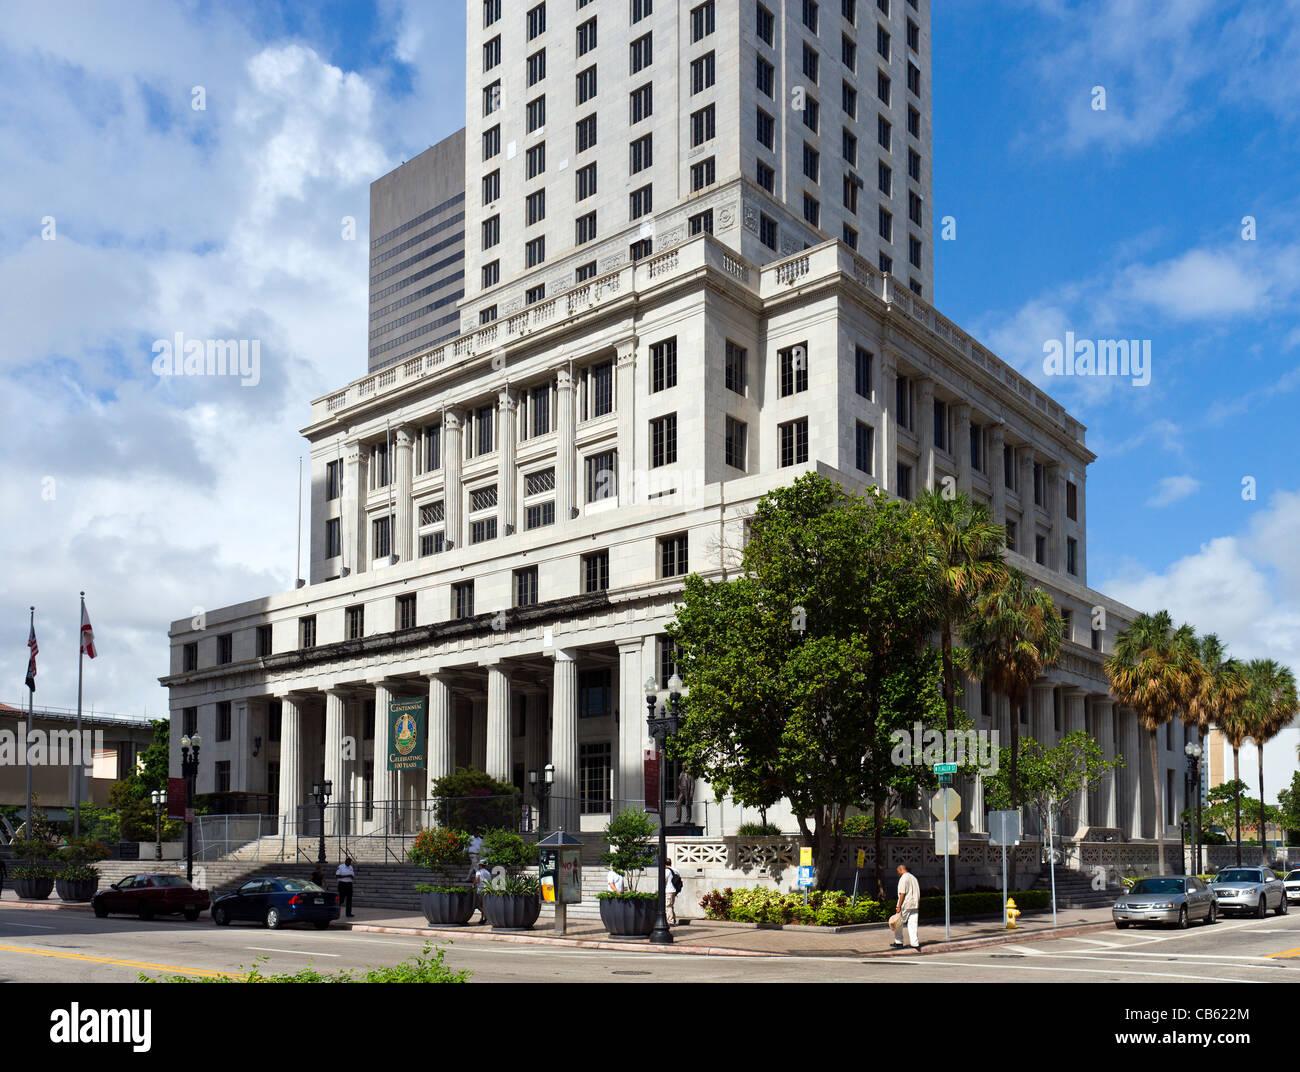 Miami-Dade County Courthouse, West Flagler Street, Miami, Florida, USA - Stock Image